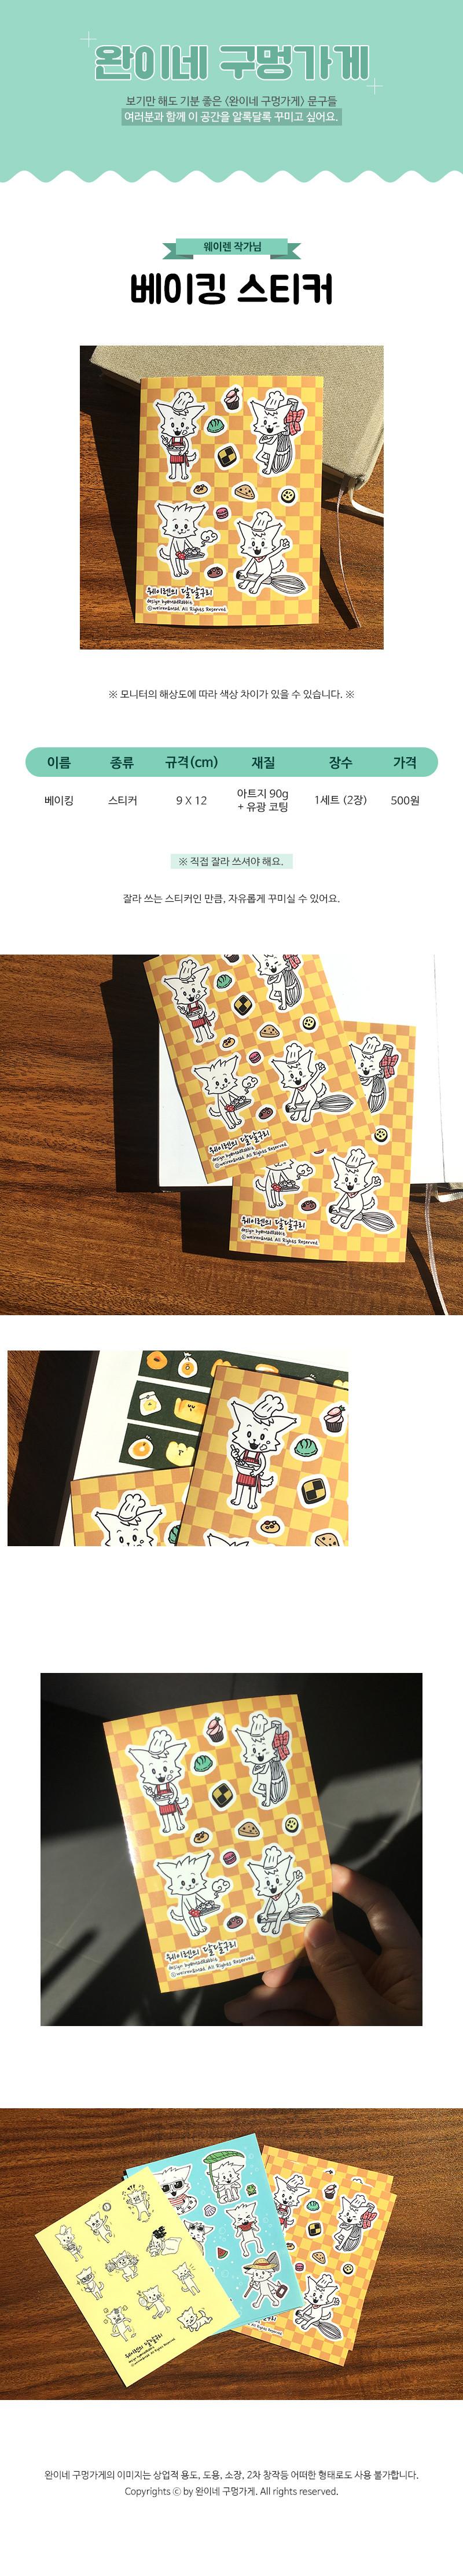 sticker563